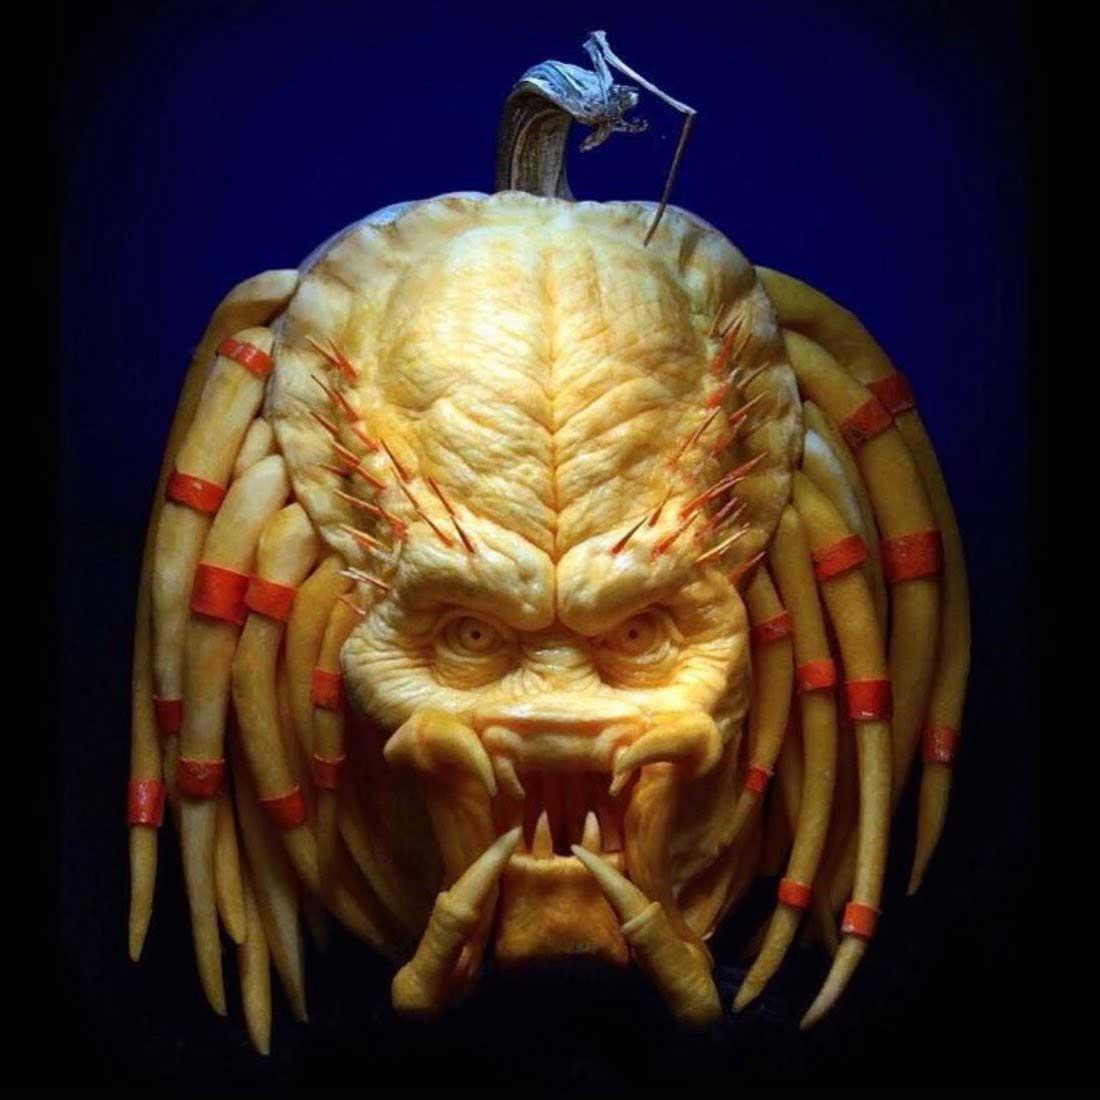 Die genialen Kürbis-Schnitzereien von Ray Villafane halloween-kuerbisschnitzkunst-Ray-Villafane_05